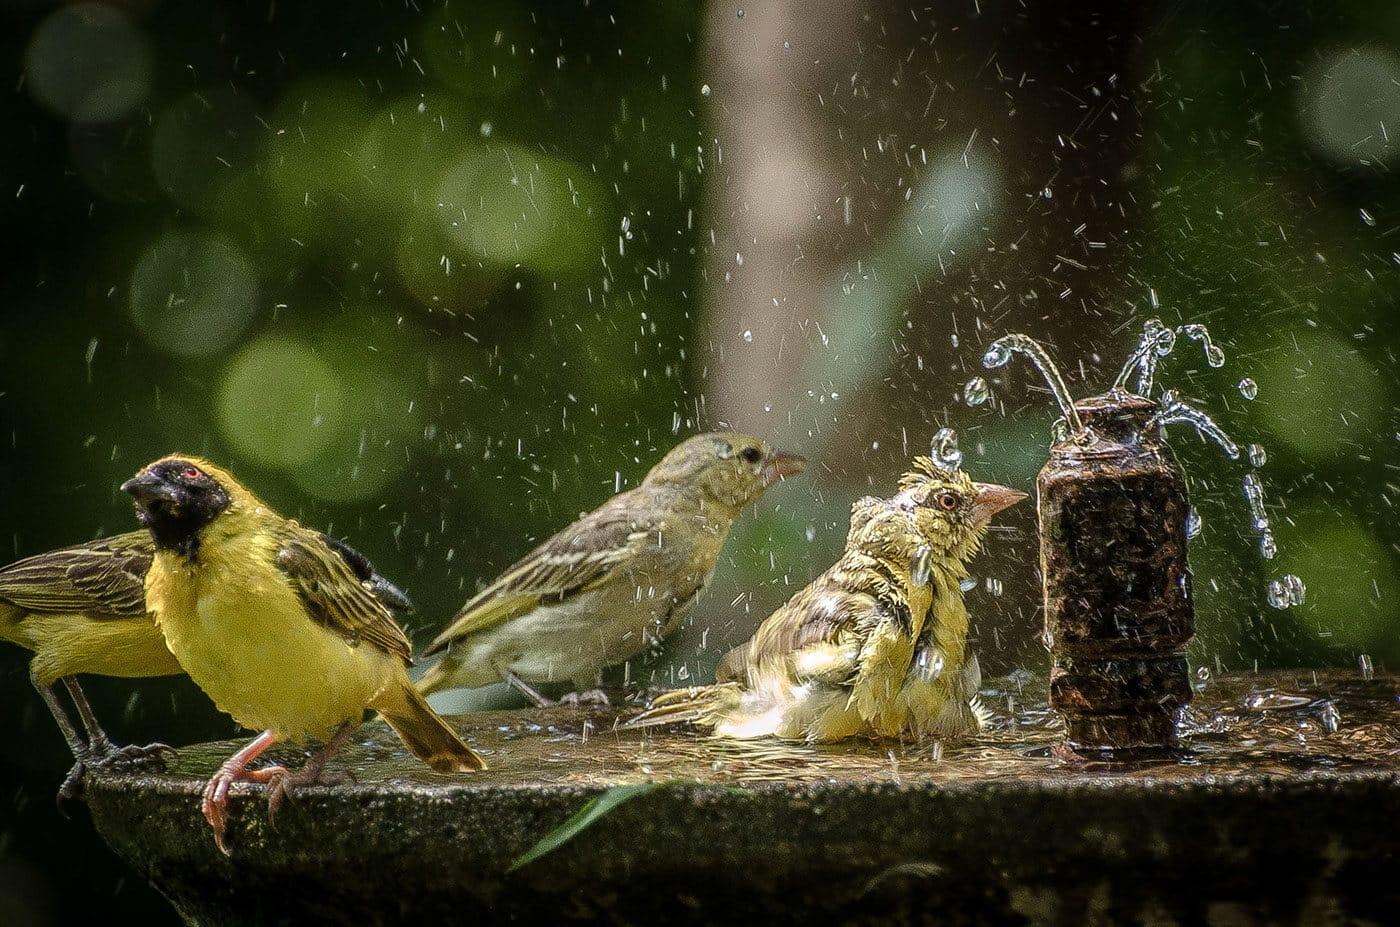 национальный парк крюгера, фото птиц 5